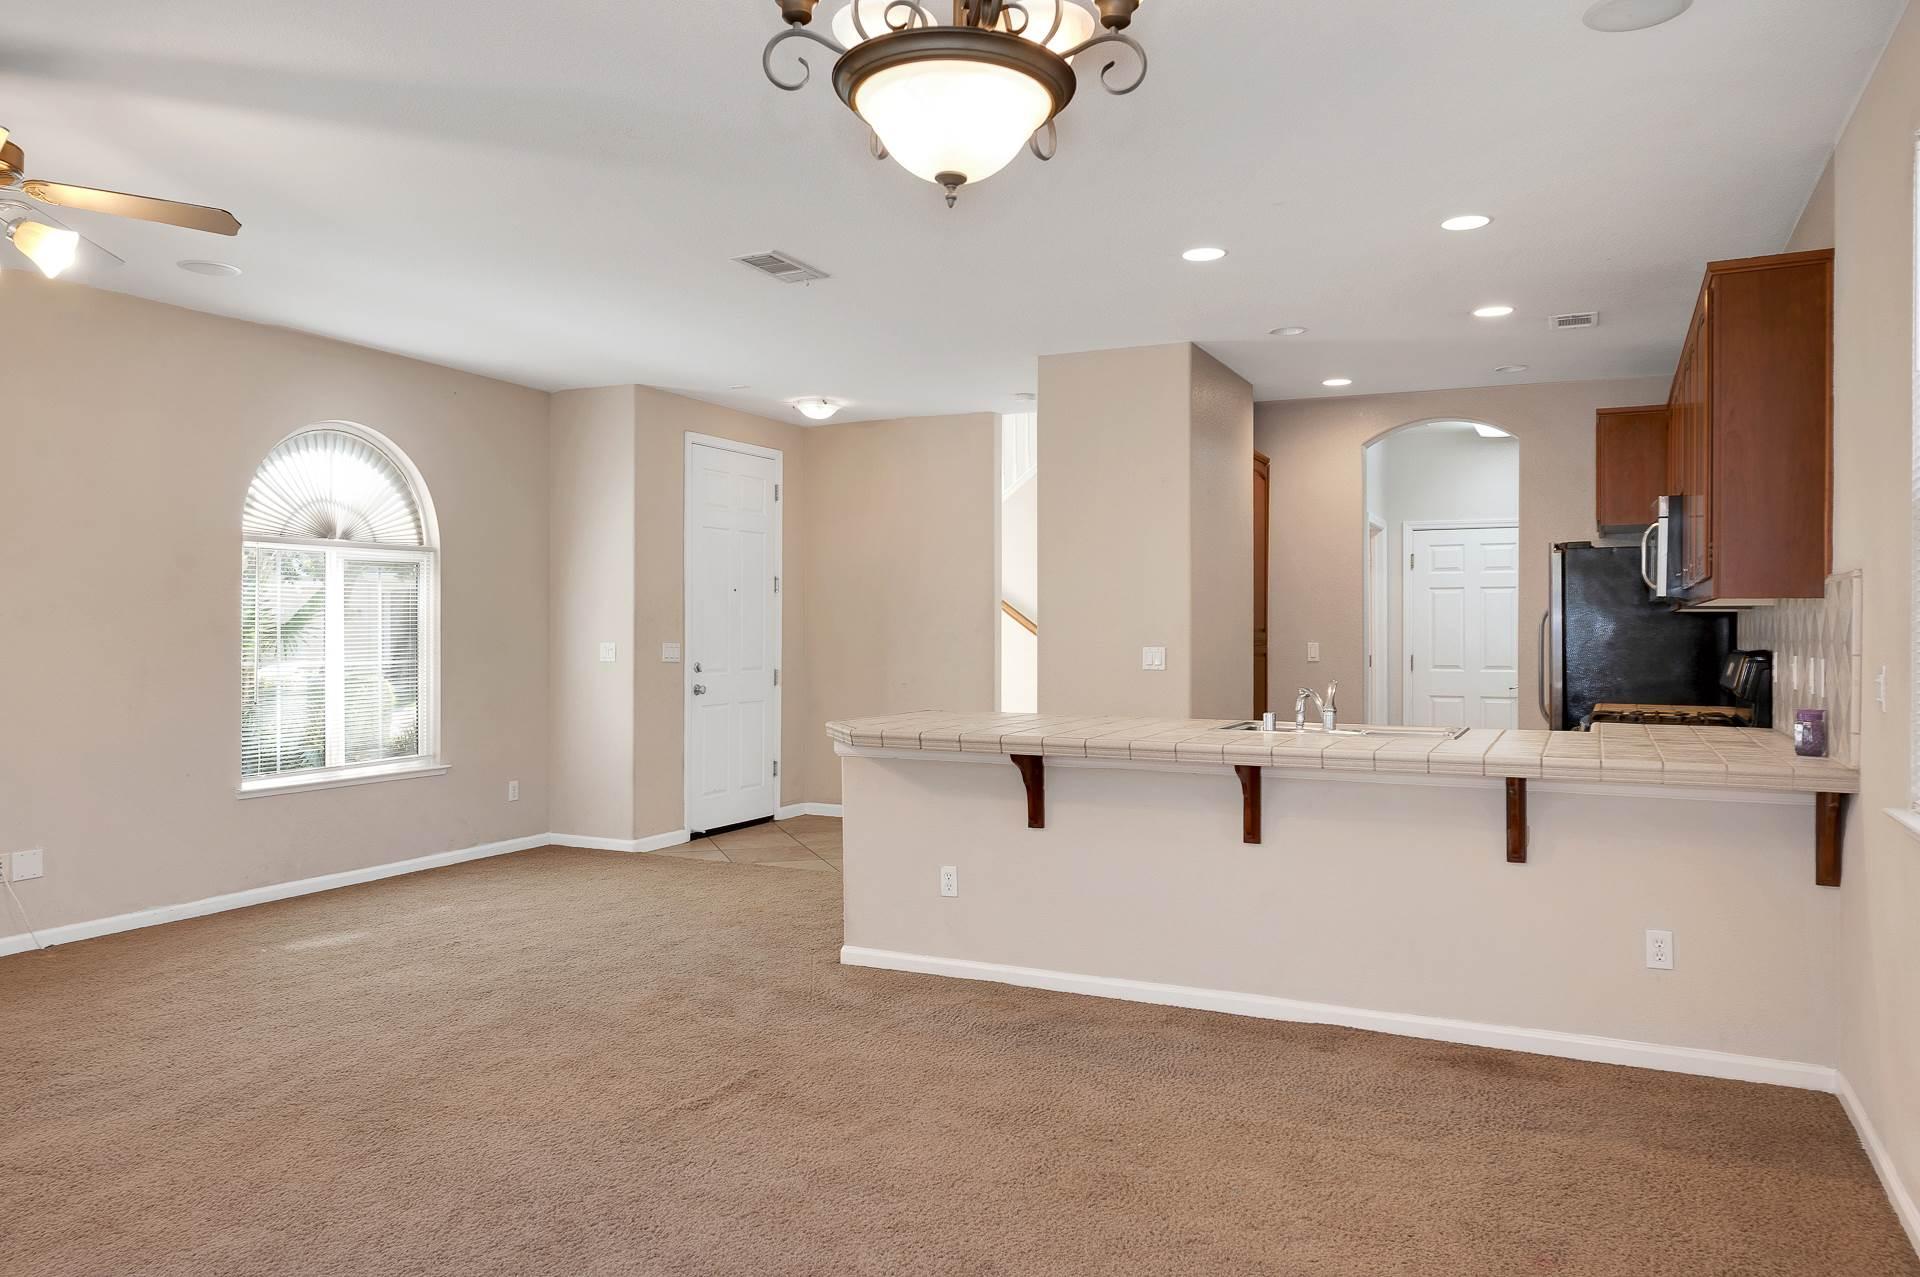 1679 Winthrop Lane, Ceres, CA 95307